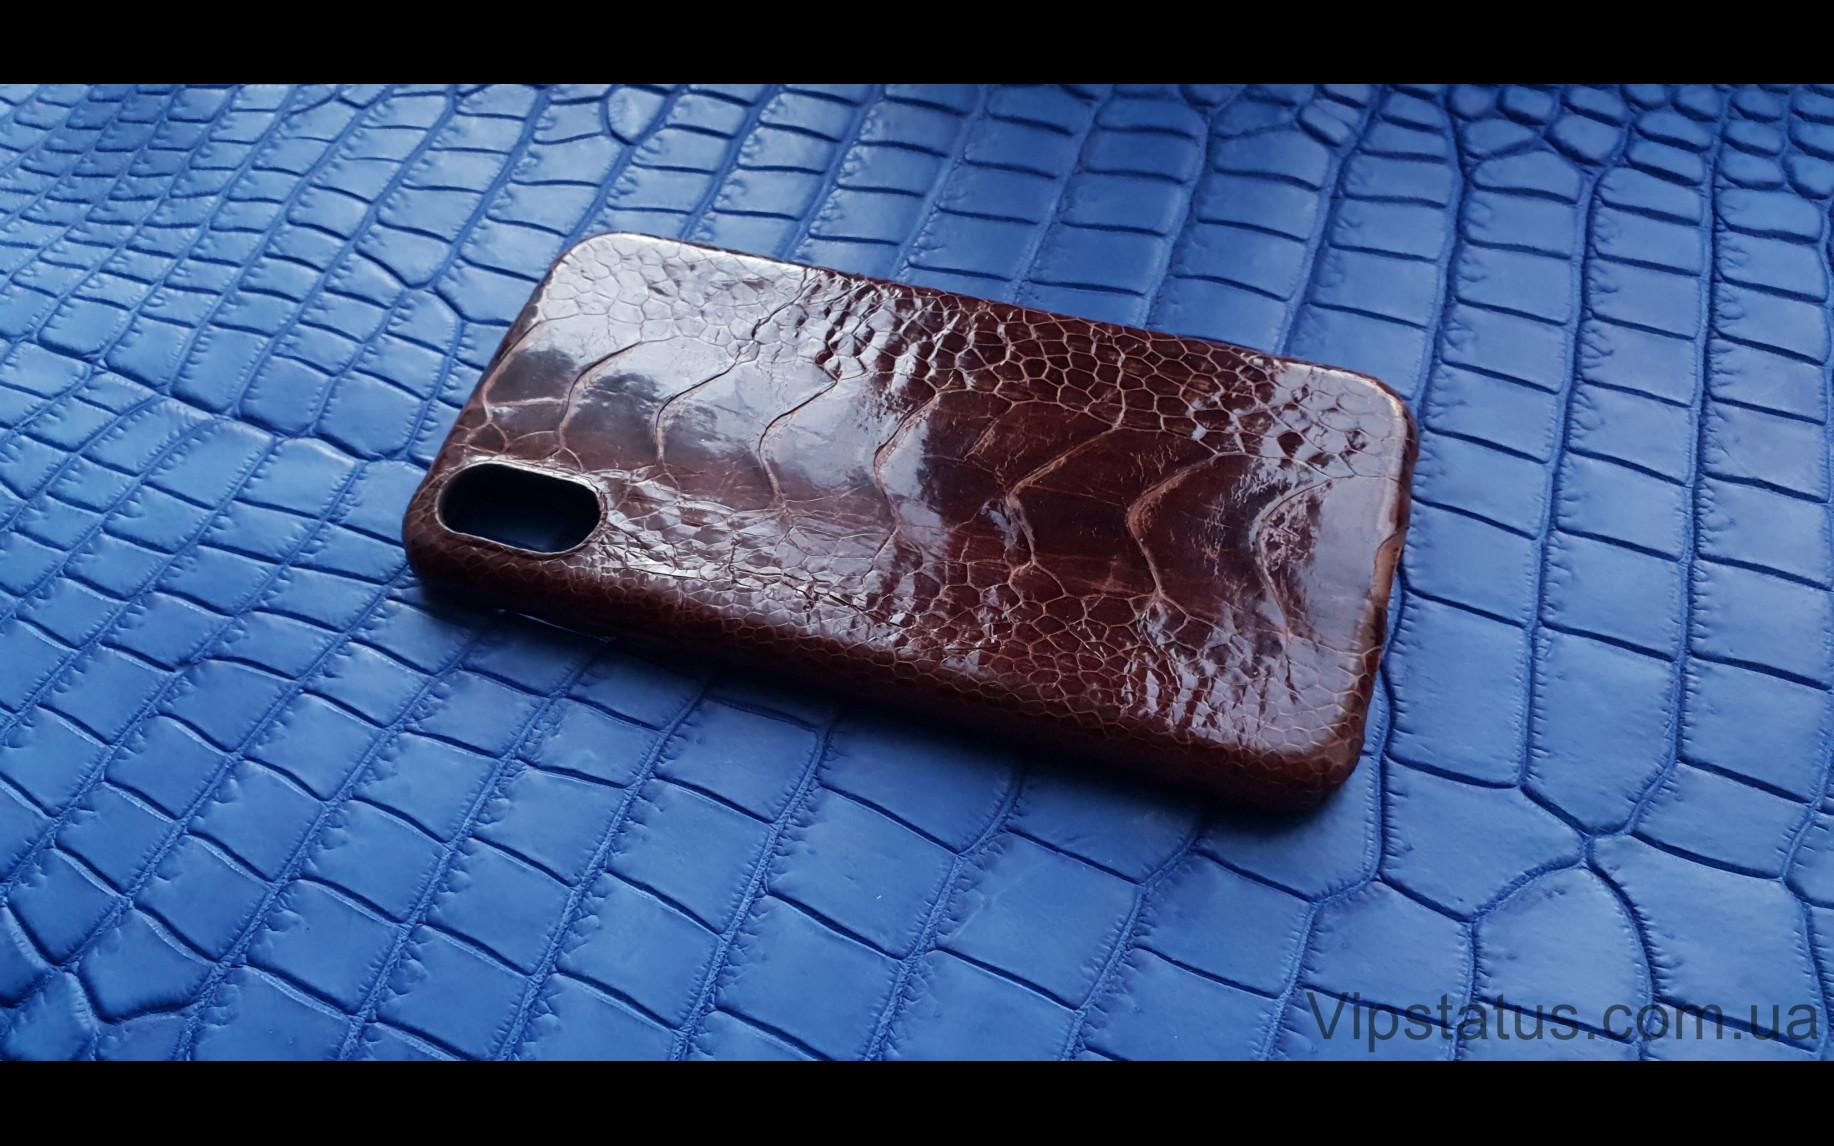 Элитный Brown Gloss Лакшери чехол IPhone X XS кожа страуса  Чехол Brown Gloss iPhone X XS из кожи страуса  изображение 2